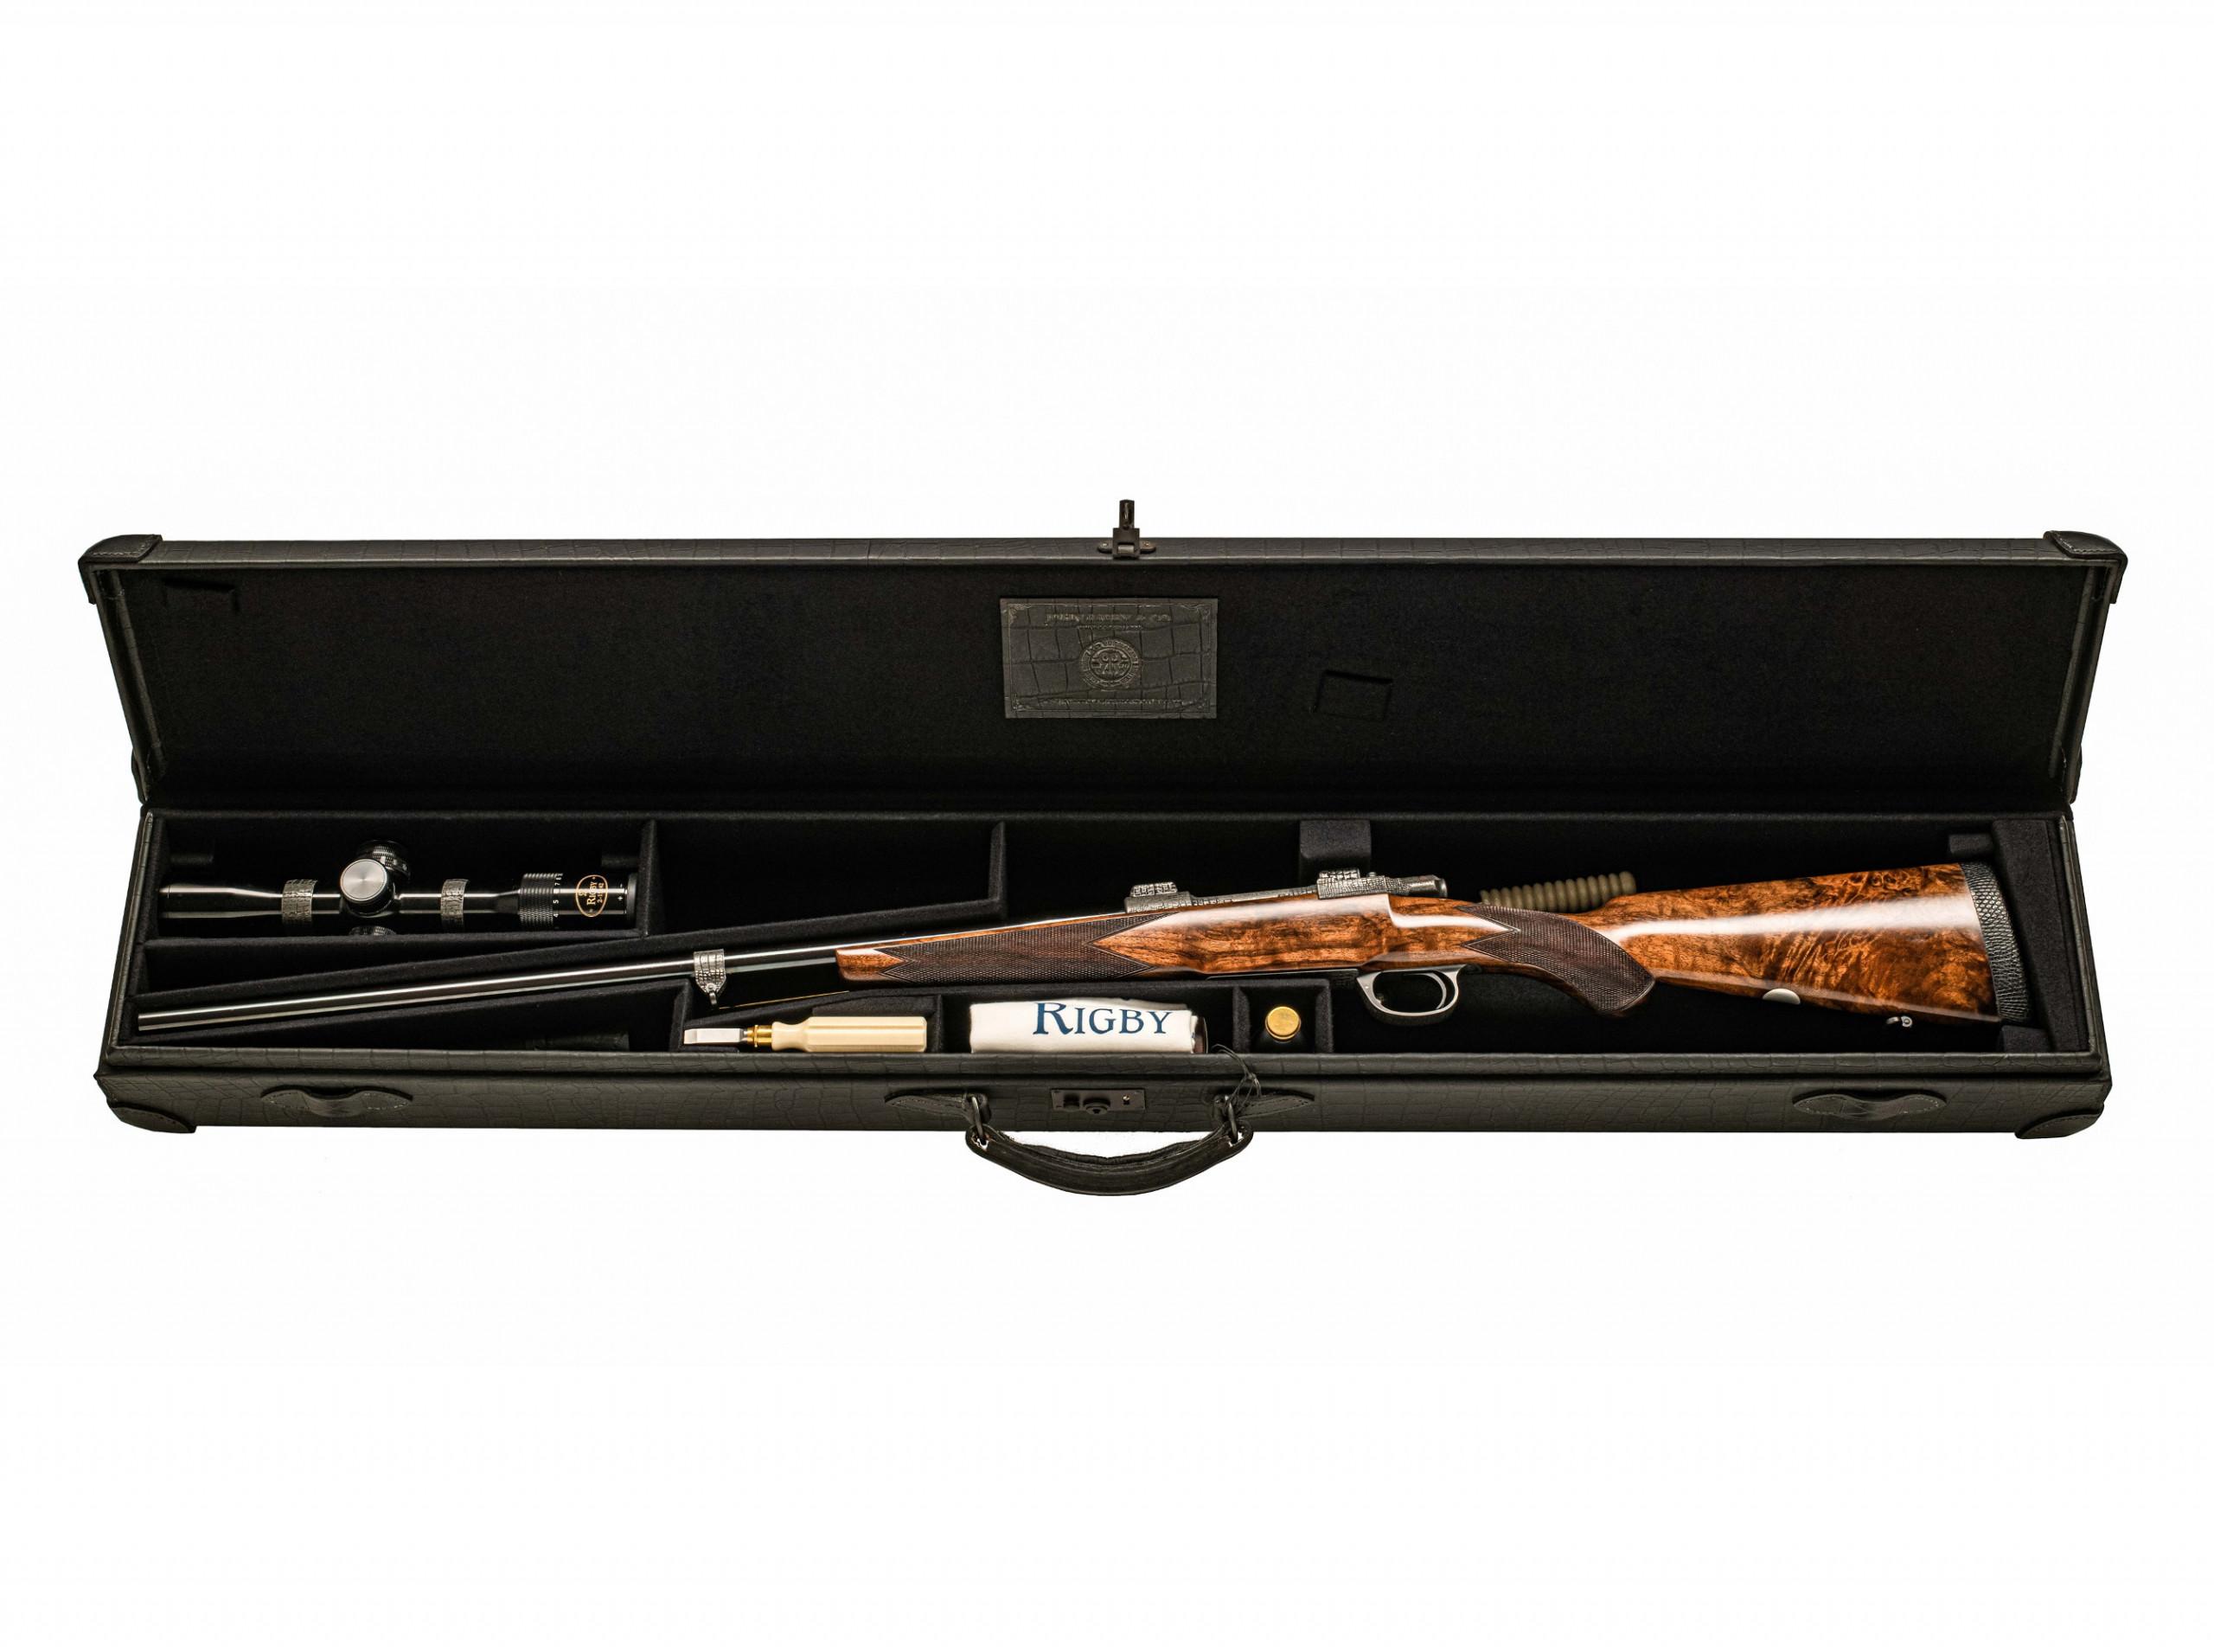 aperta, la custodia della carabina bolt action in edizione limitata Rigby Highland Stalker Nile